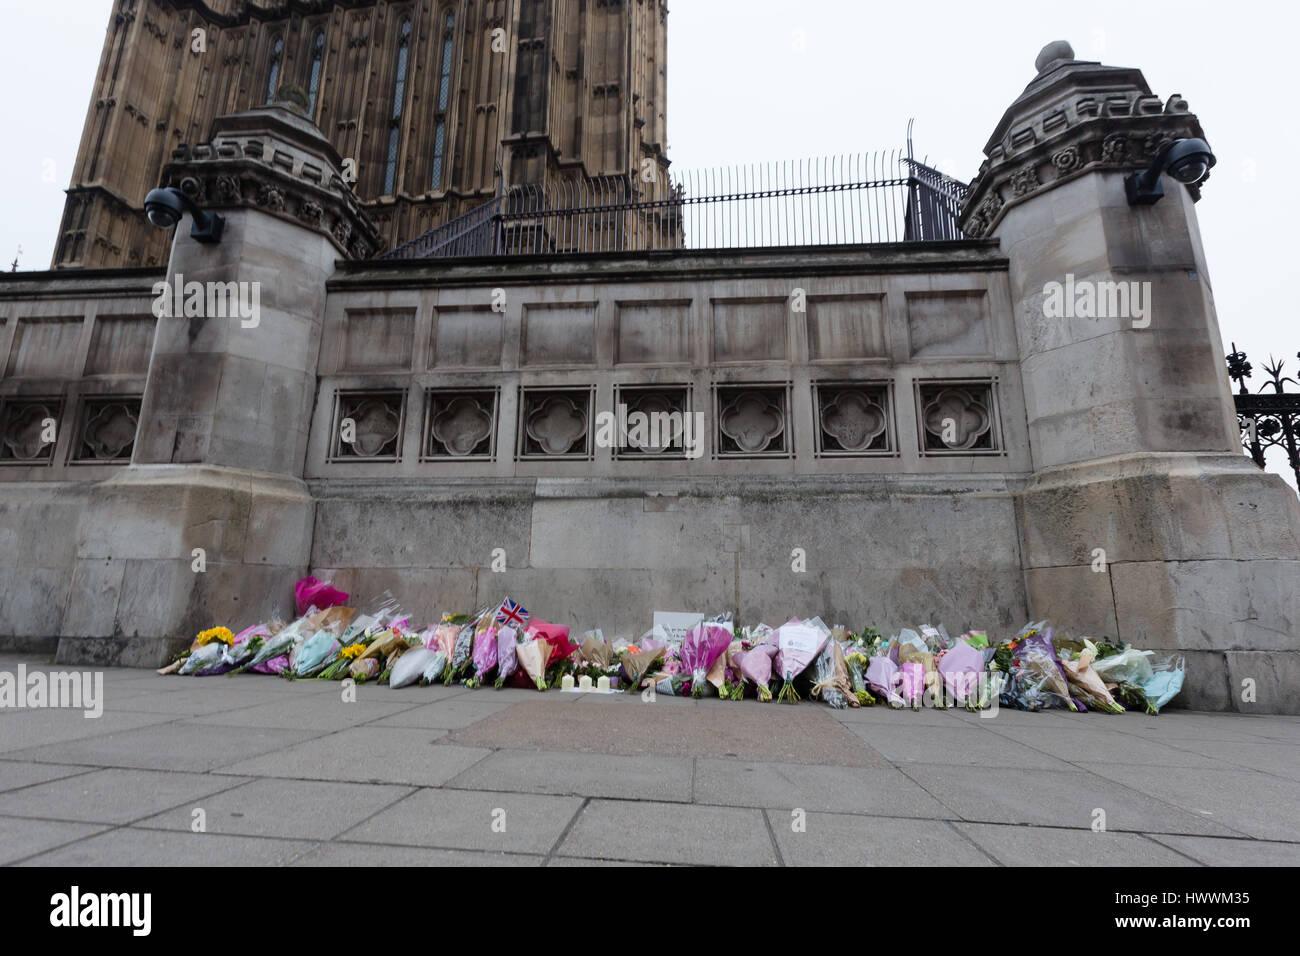 Londres, Royaume-Uni. Le 24 mars 2017. Les fleurs sont placées à l'extérieur du palais de Westminster au centre de Londres après les attaques terroristes du mercredi qui a coûté la vie à quatre victimes innocentes. Credit: Vickie Flores/Alamy Live News Banque D'Images